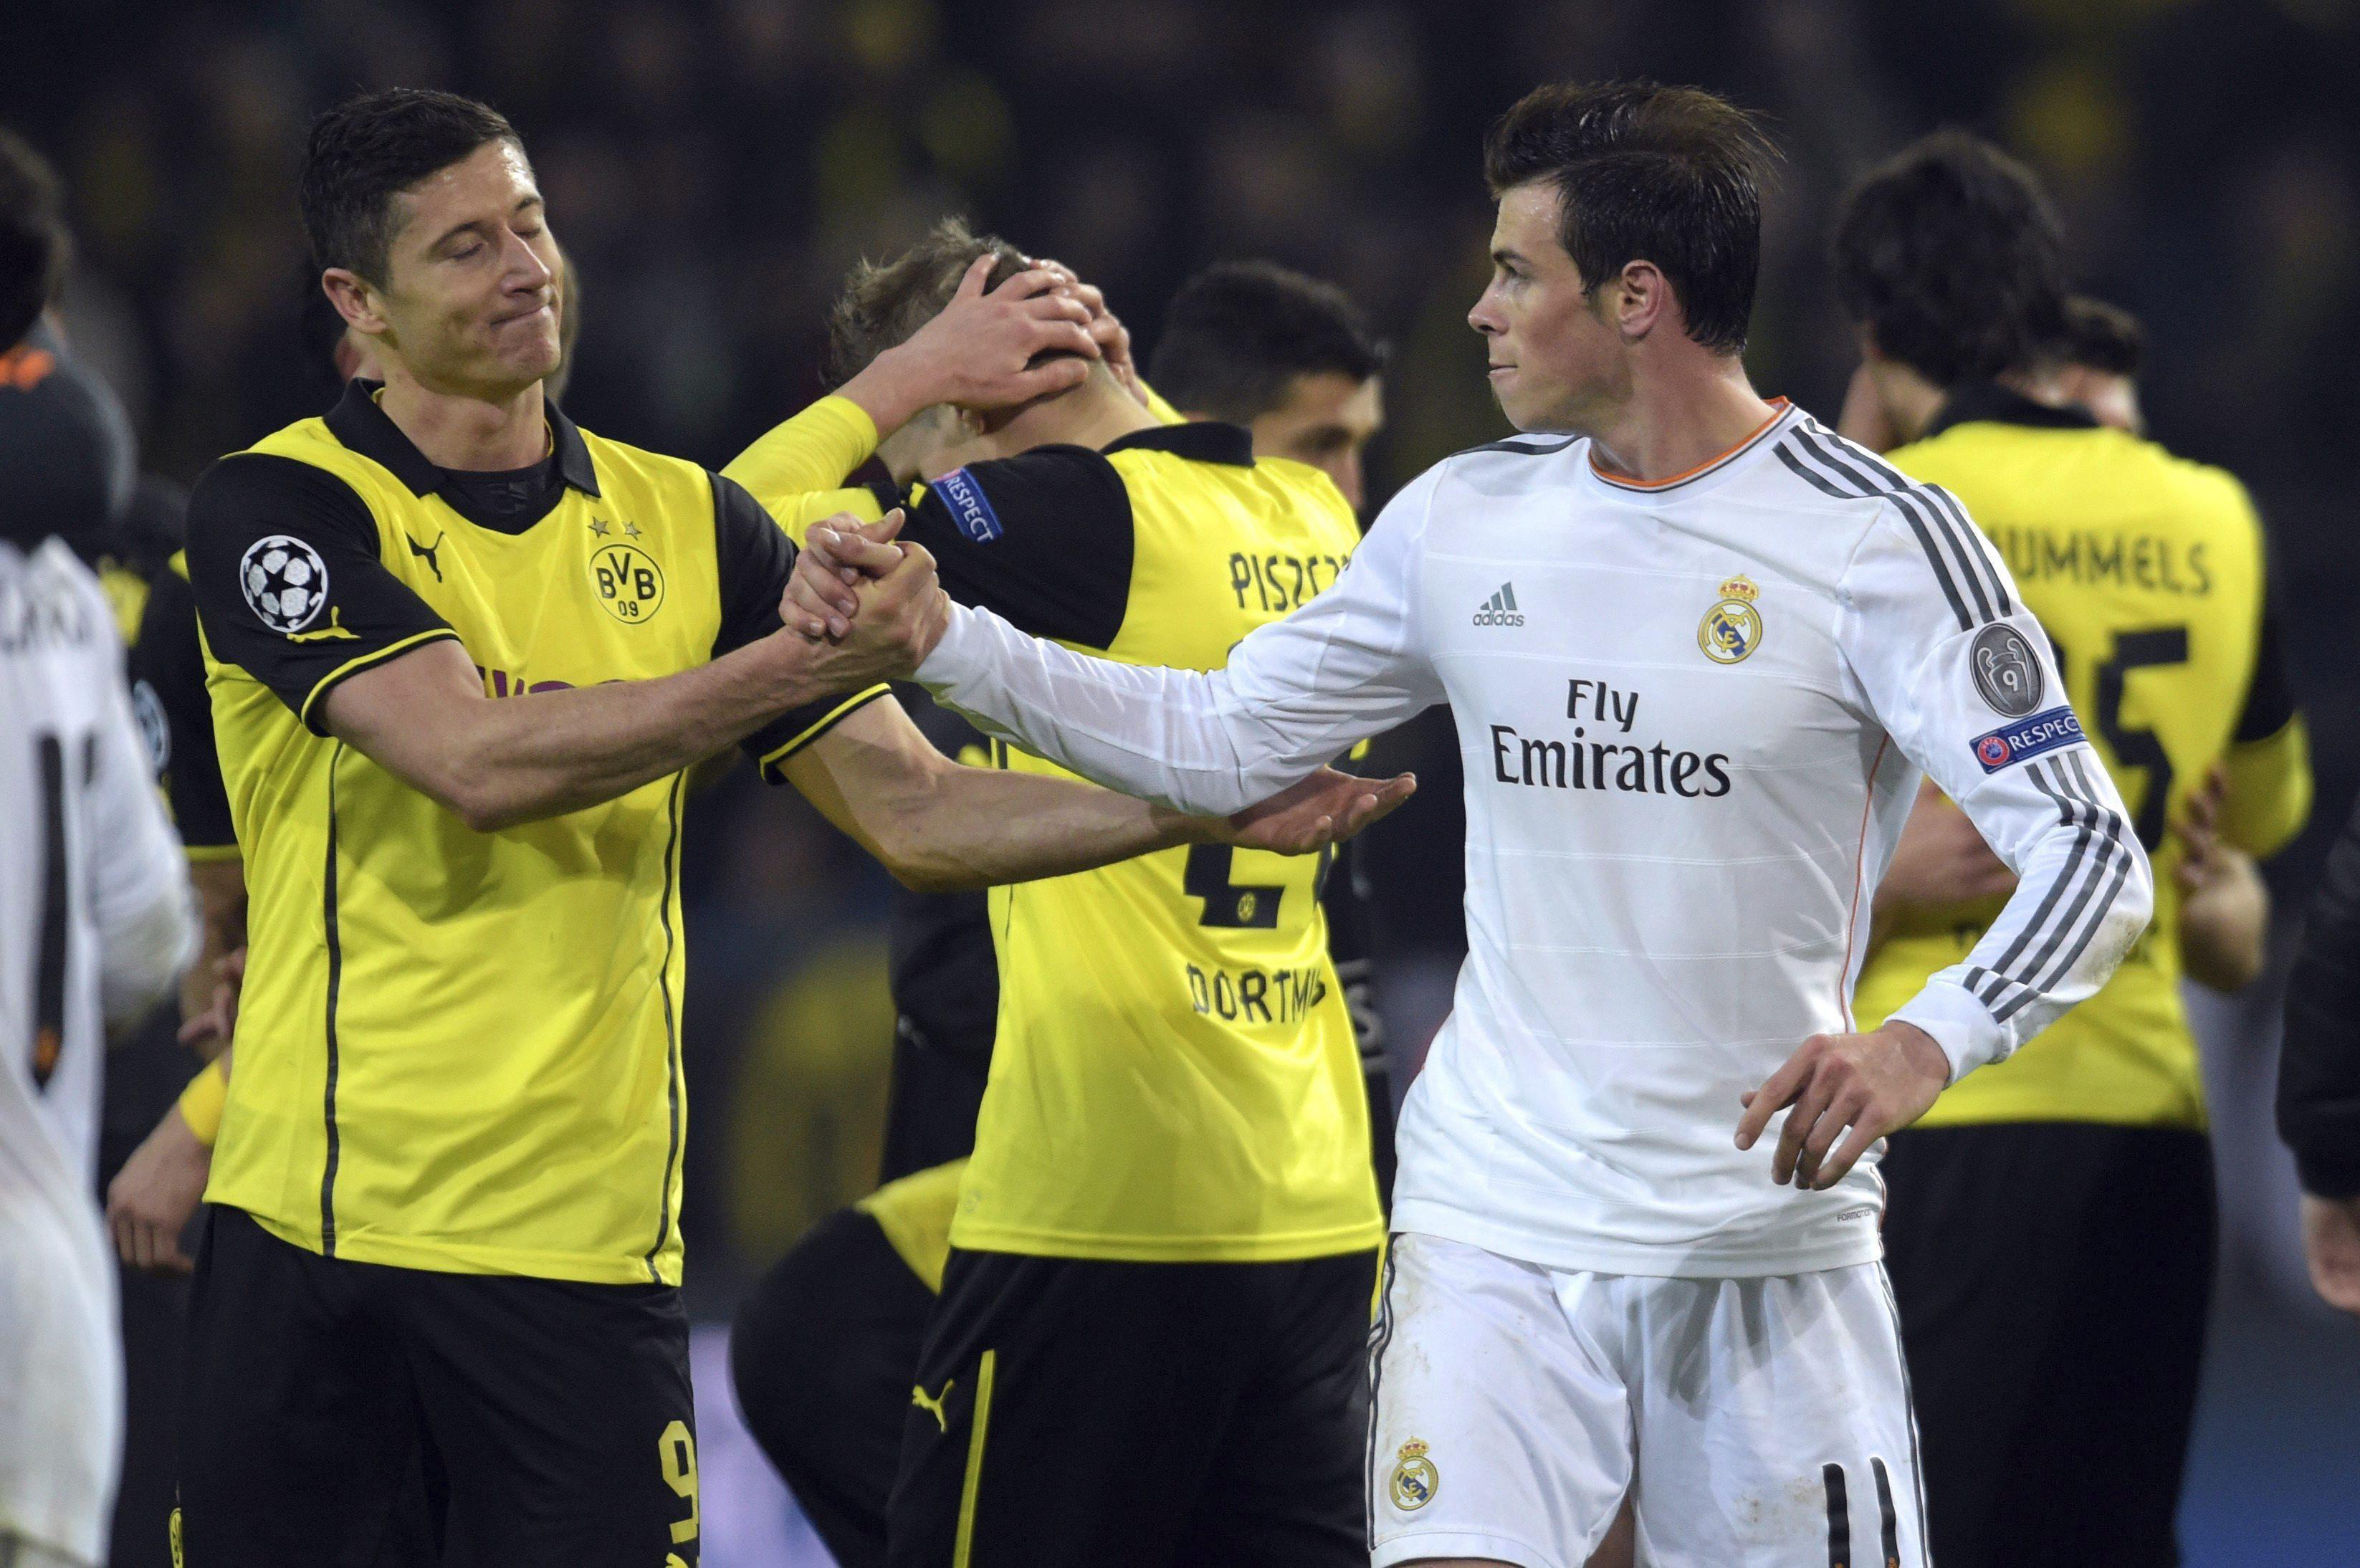 El Real Madrid accede a semifinales «de milagro», según la prensa española